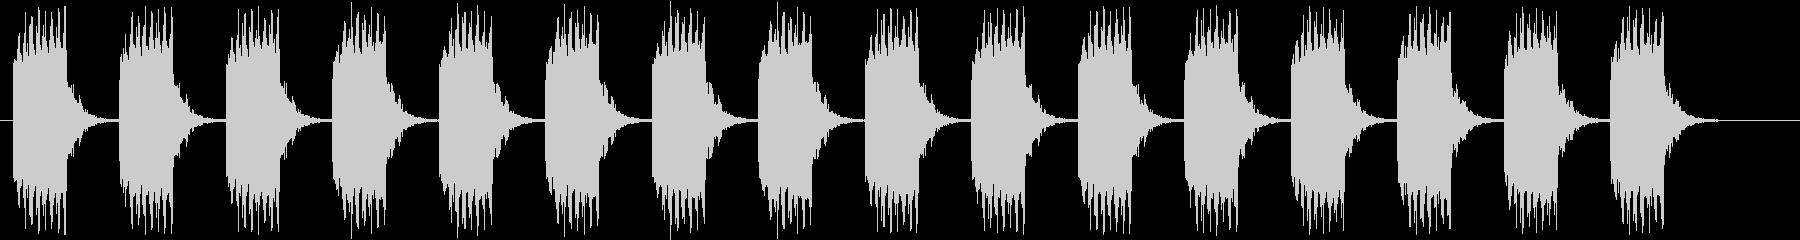 ブザー音ロング_リバーブ付きの未再生の波形